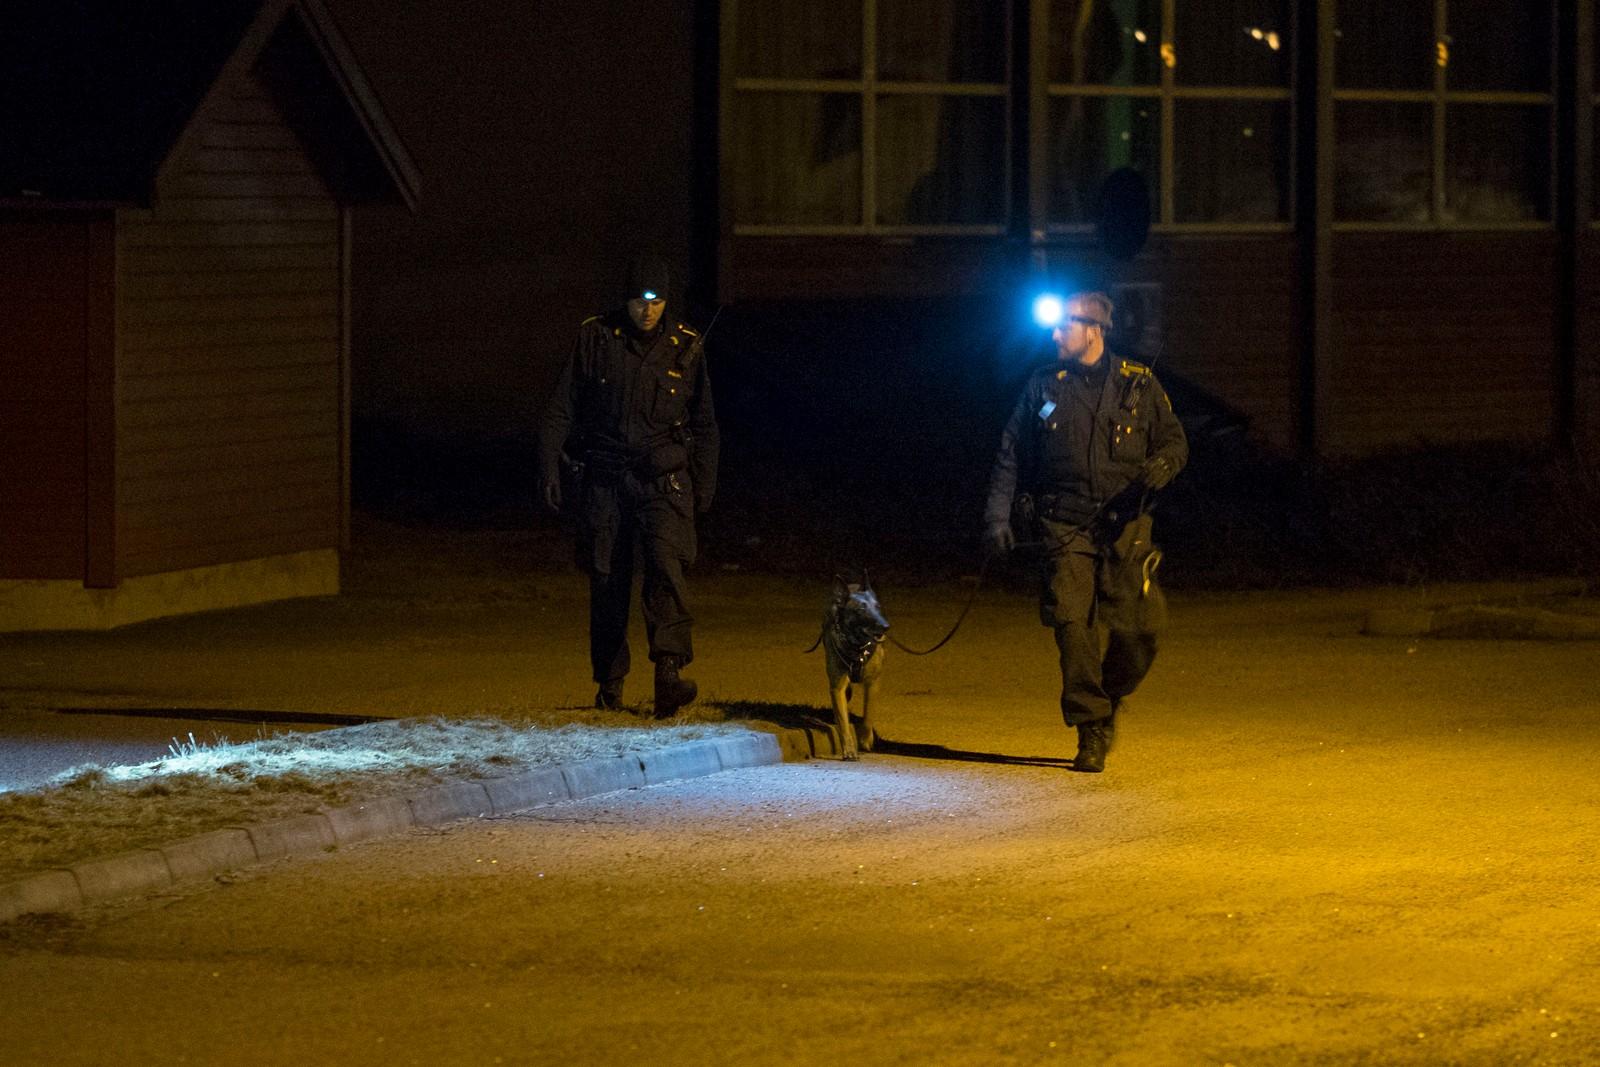 Politiet har undersøkt med hunder i boligområdet på Hånes i Kristiansand, der en person ble funnet død i en bolig. I tillegg driver politiet taktisk etterforskning og avhør